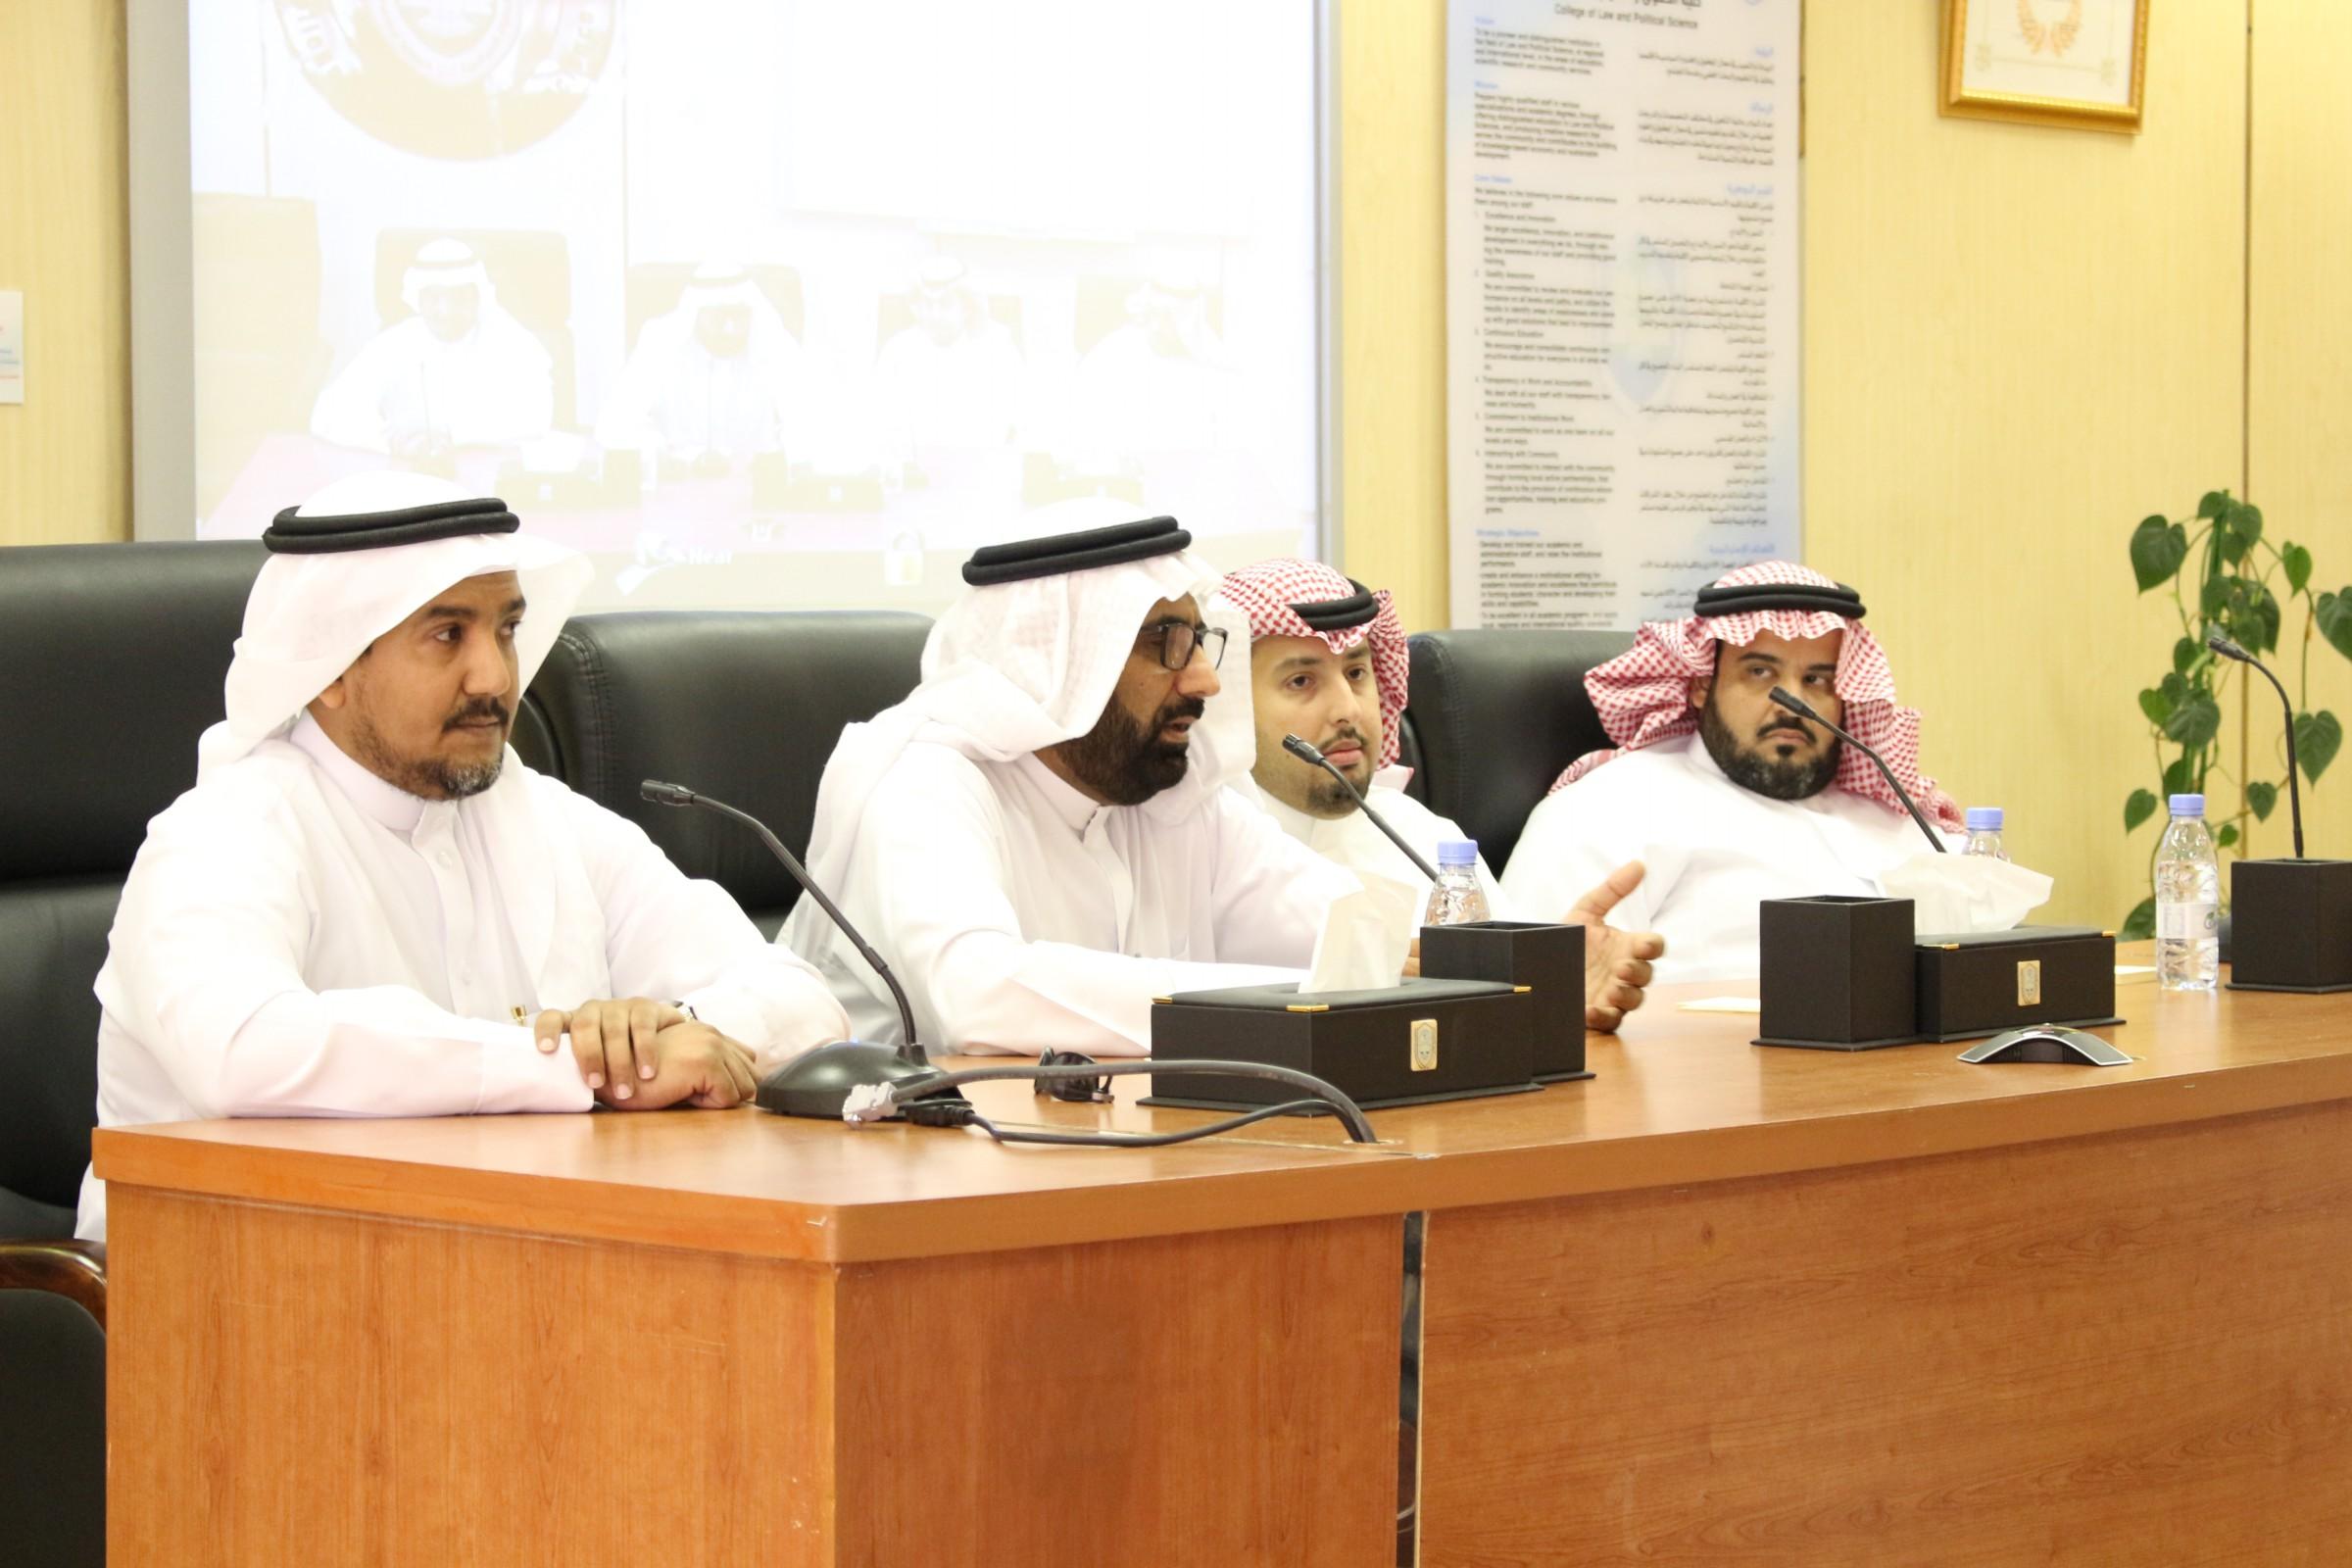 سعادة عميد كلية الحقوق والعلوم السياسية يلتقي بأبنائه الطلاب في اللقاء السنوي